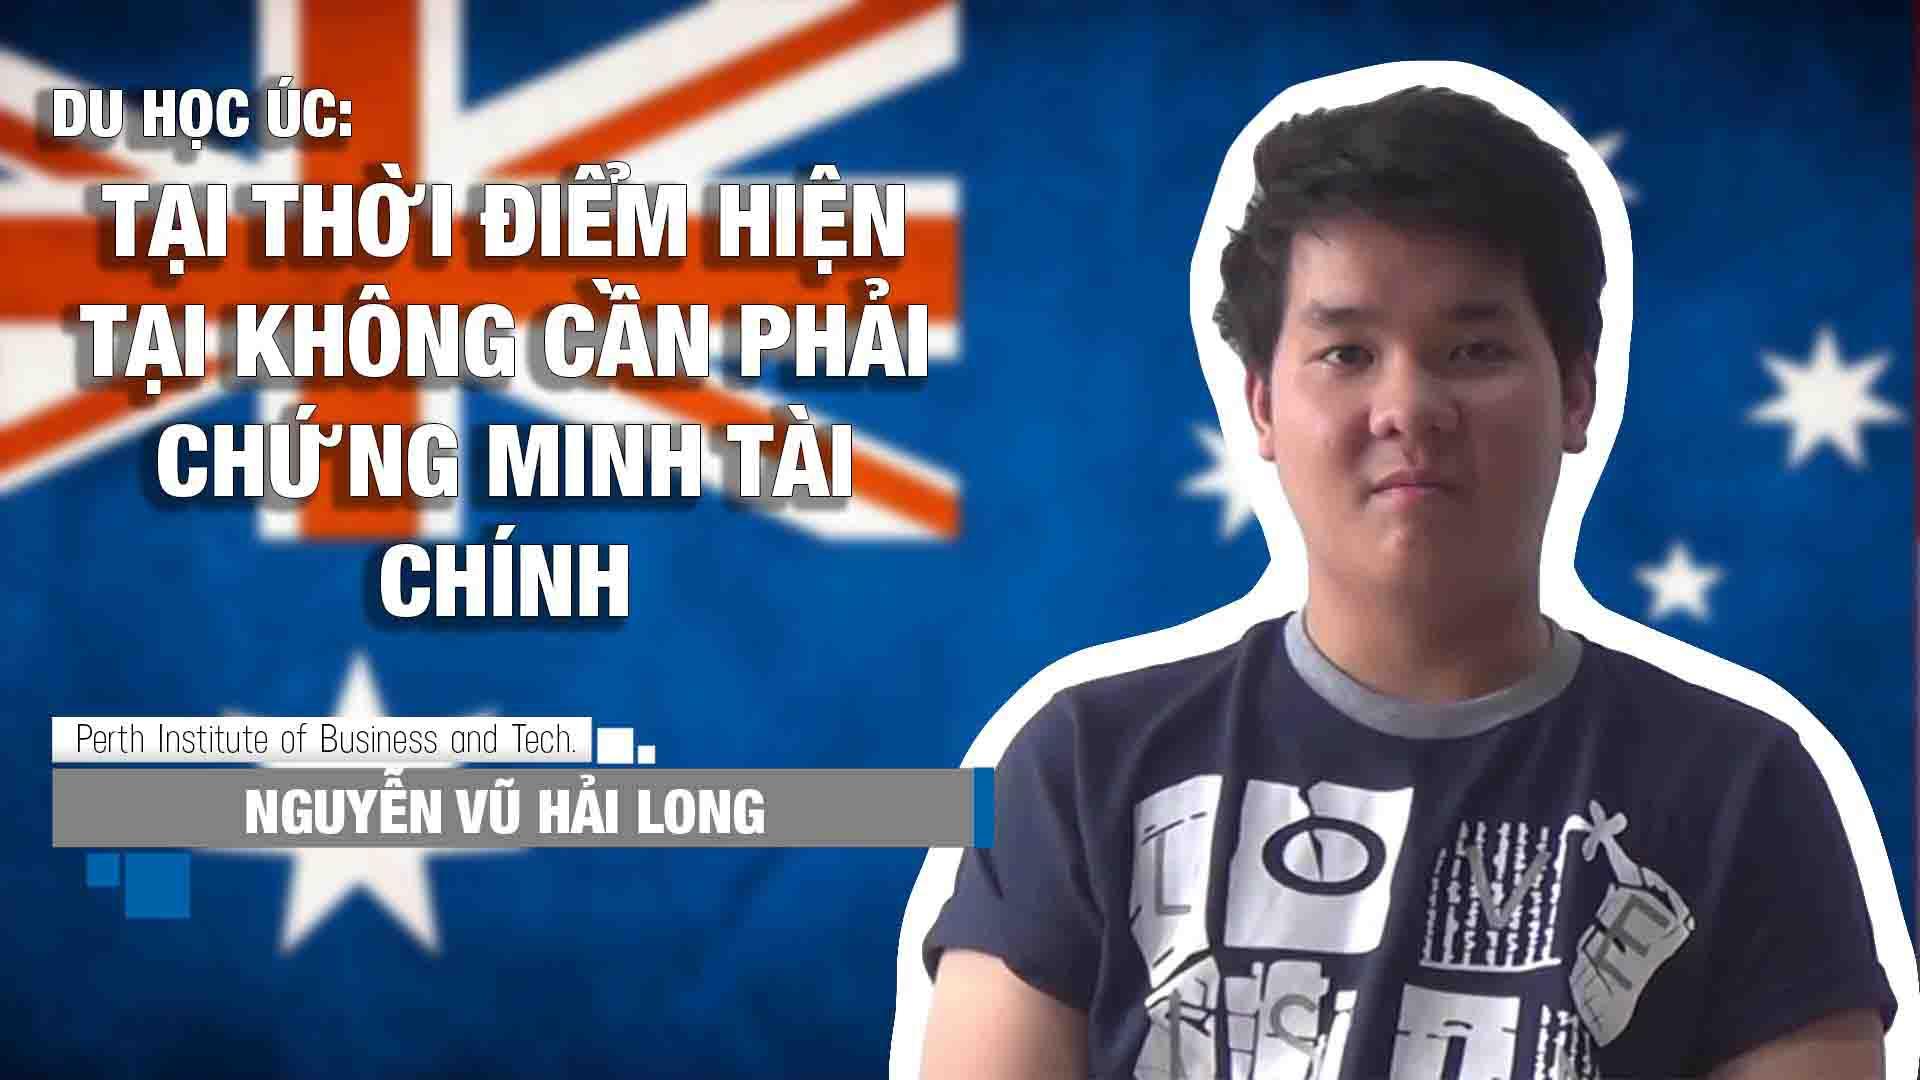 Học sinh Long sau khi làm hồ sơ tại Du học INEC đã đi du học tại trường PIBT - Úc, sau một thời gian học tập tại trường, Long đã quay về Việt Nam thăm gia đình và chia sẽ một số kinh nghiệm và trải nghiệm khi du học tại Úc.